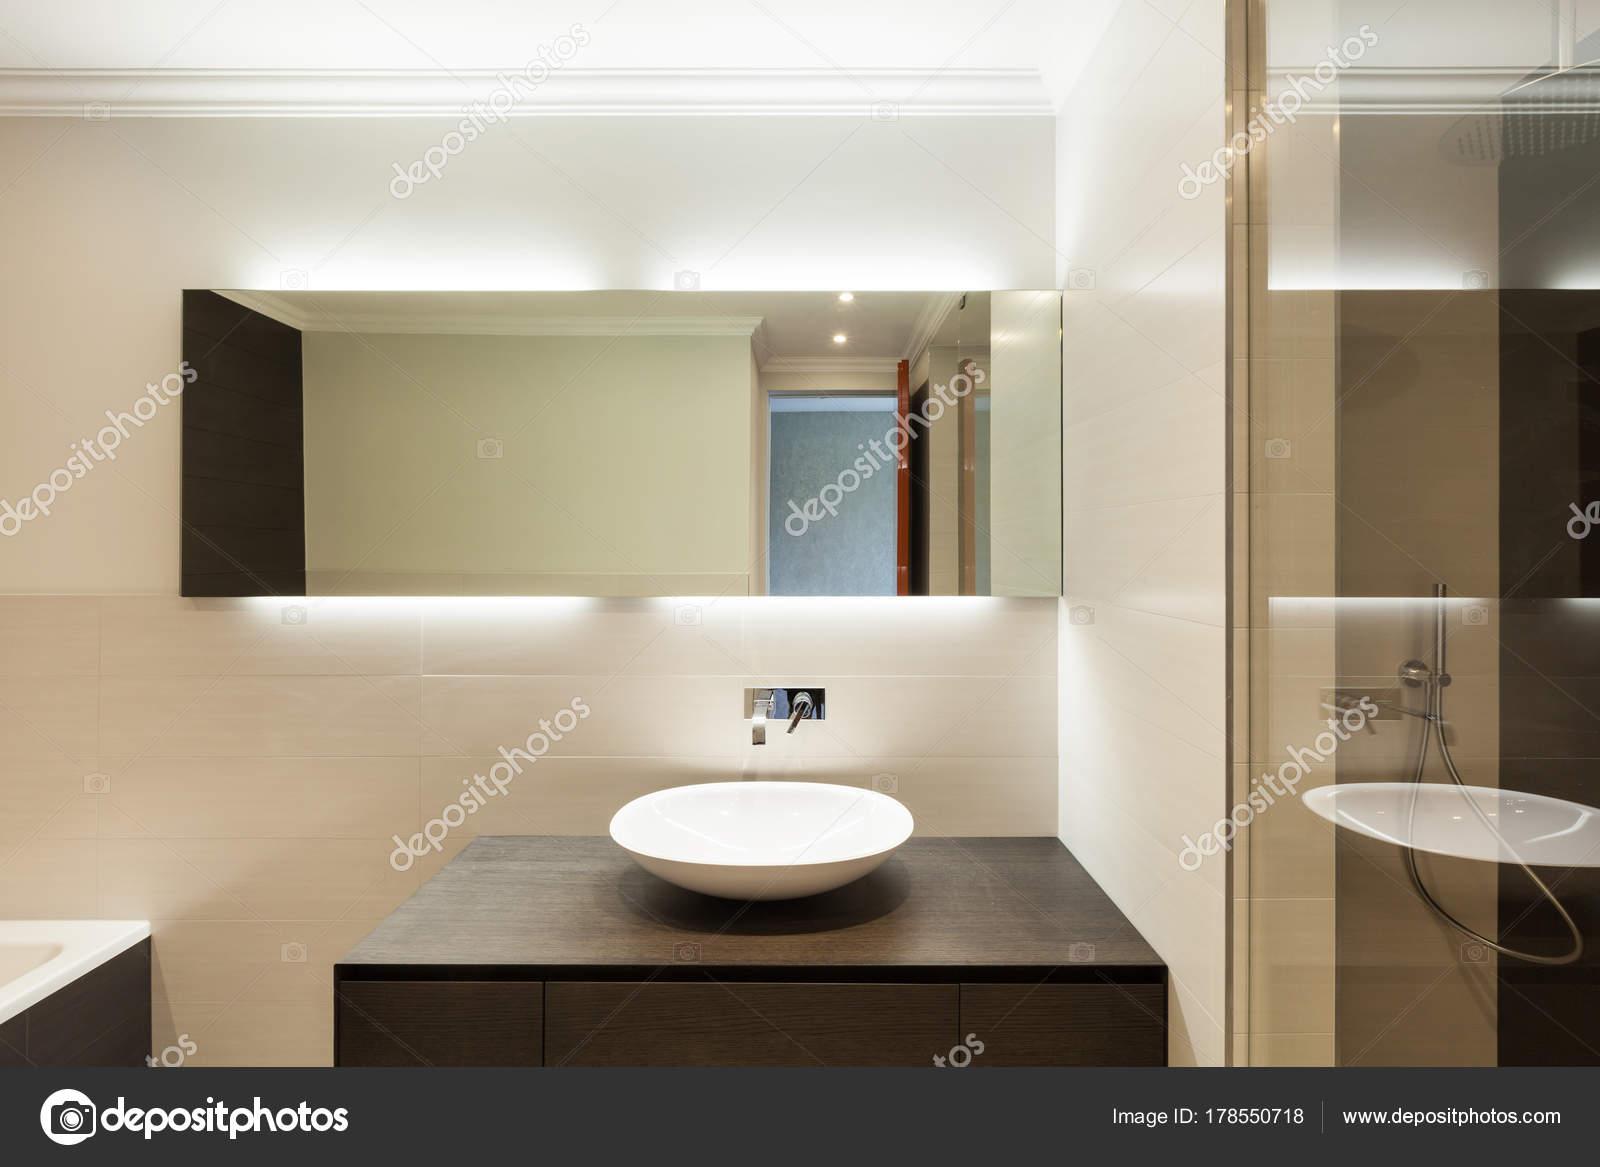 Mooie moderne badkamer keramische wastafel spiegel u stockfoto